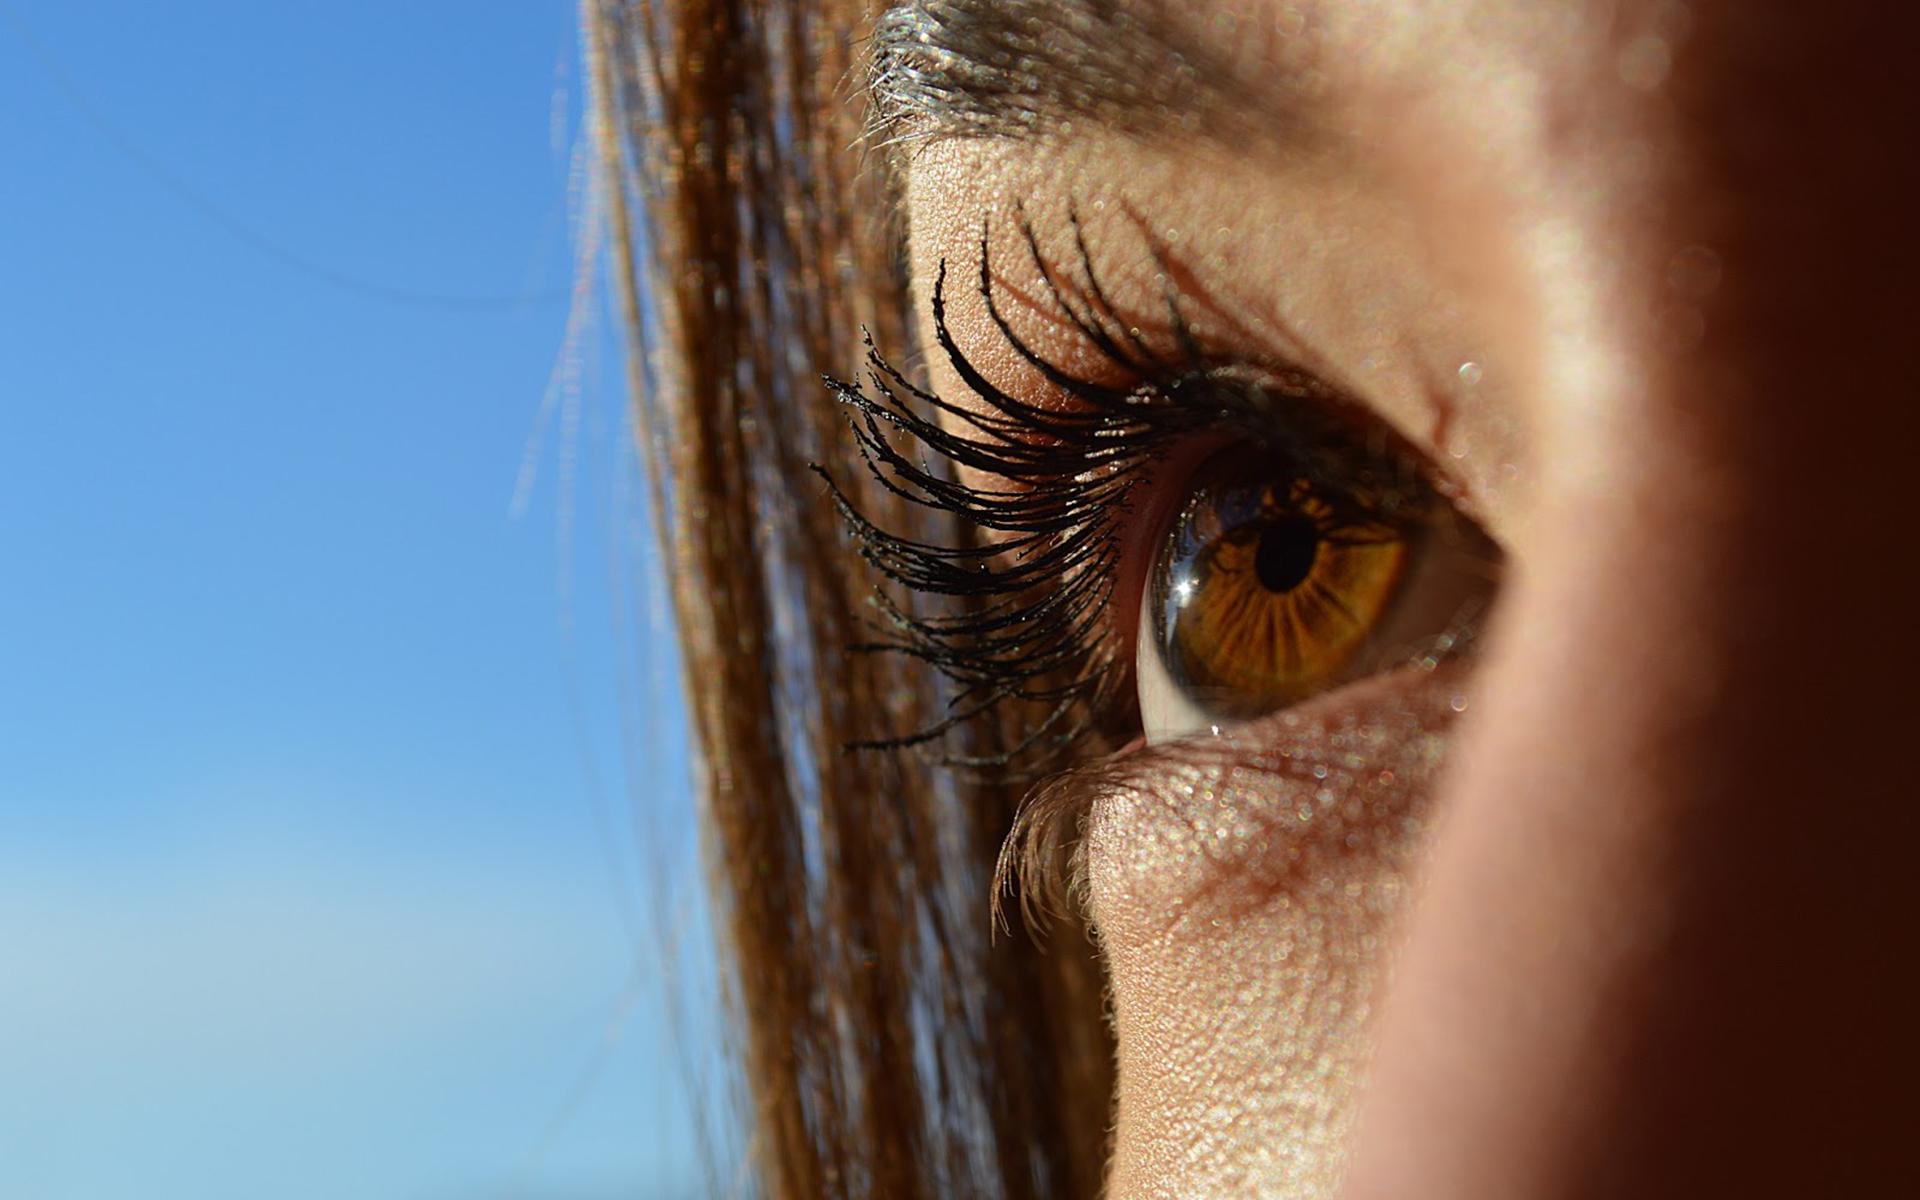 vedere încețoșată în fața cercului ochilor viziunea bionică este